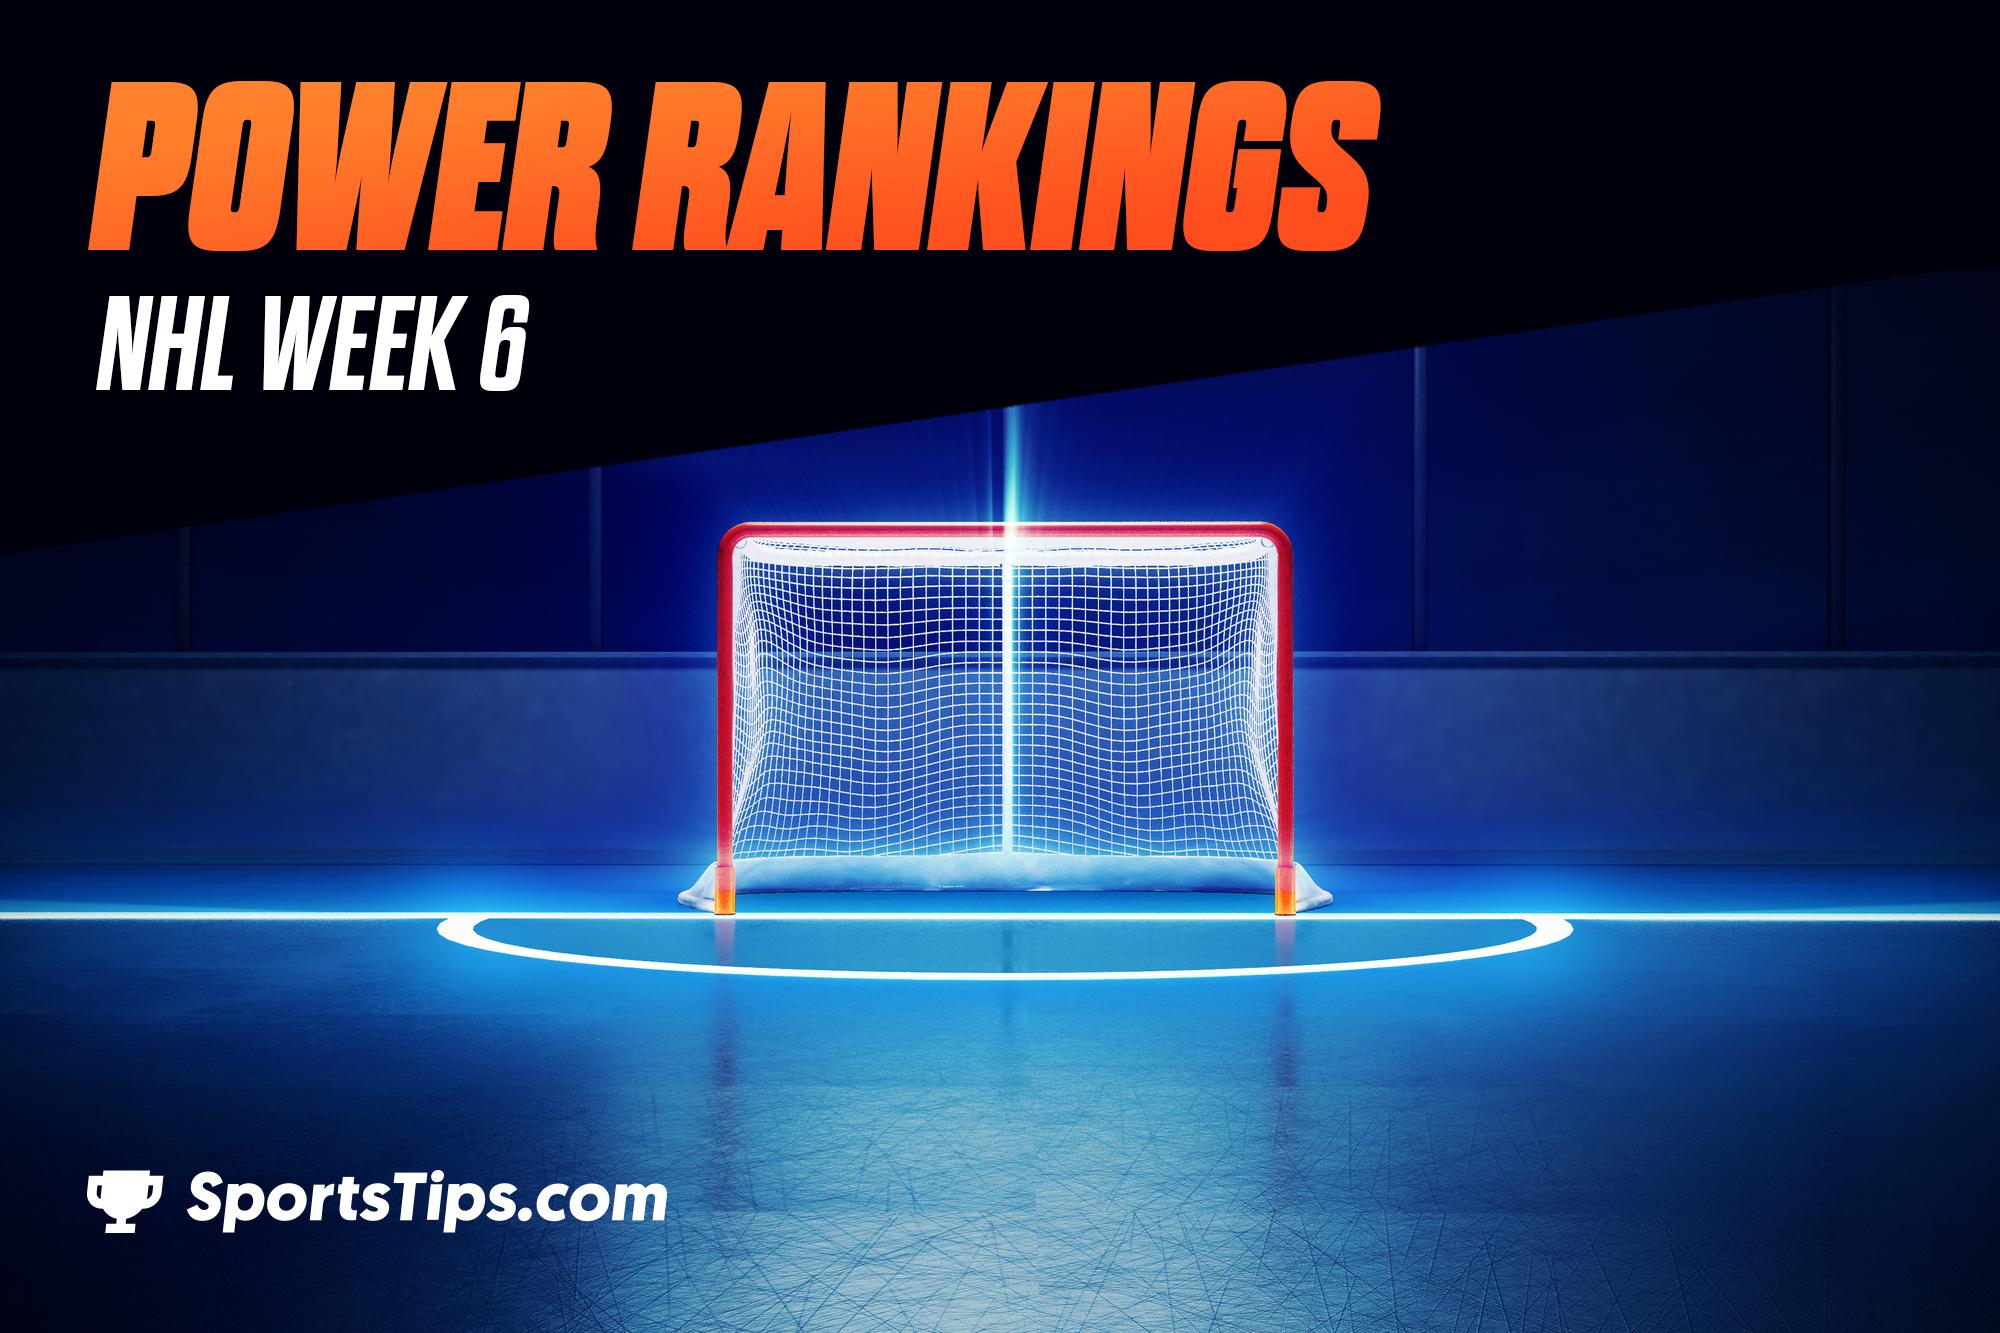 SportsTips' NHL Power Rankings 2021: Week 6